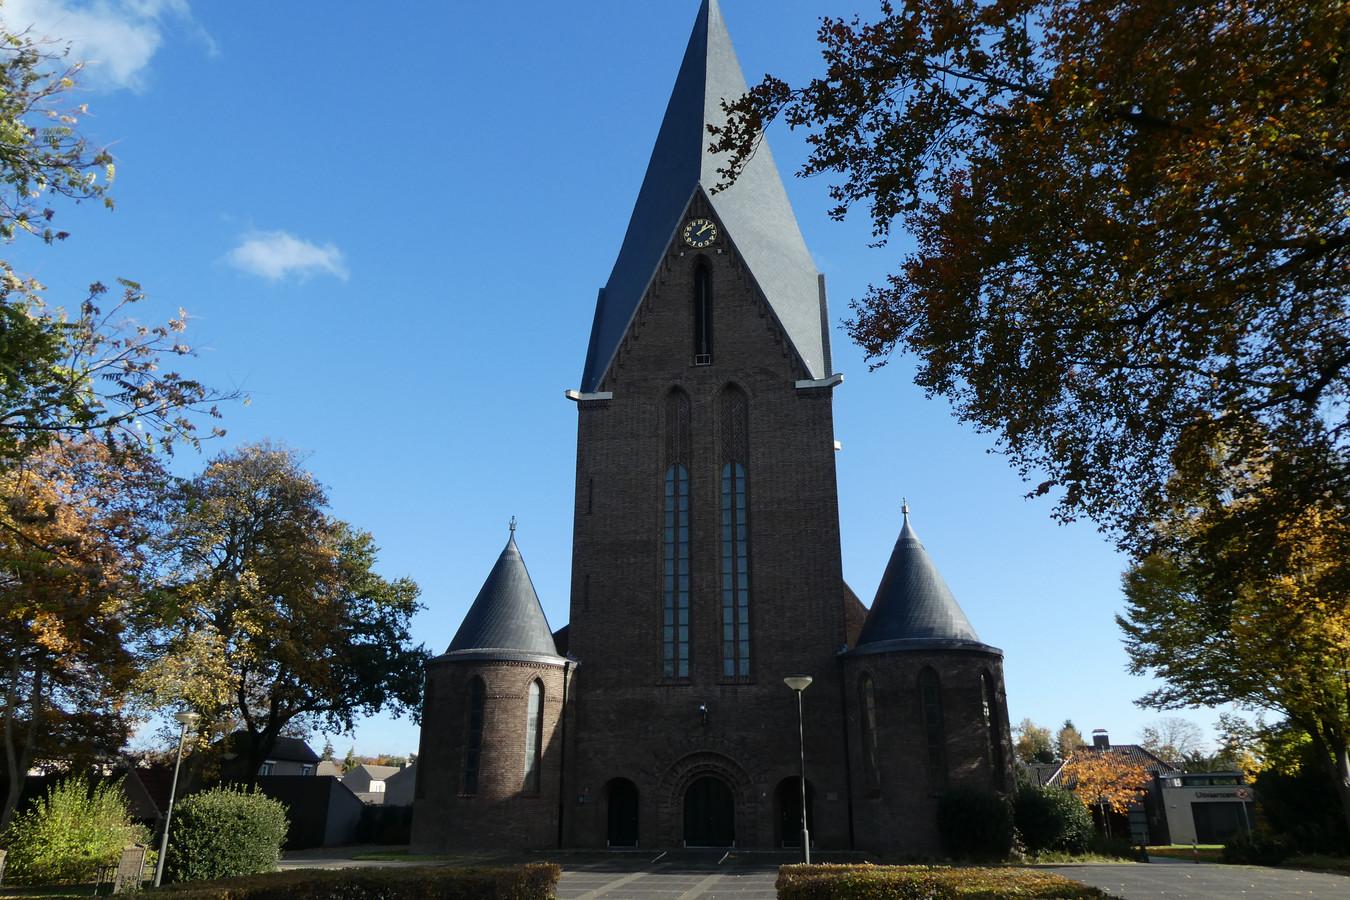 De Michaëlkerk in Sint-Michielsgestel wordt op 9 maart een middag gebruikt als priklocatie voor Huisartsenpraktijk Van Eunen.